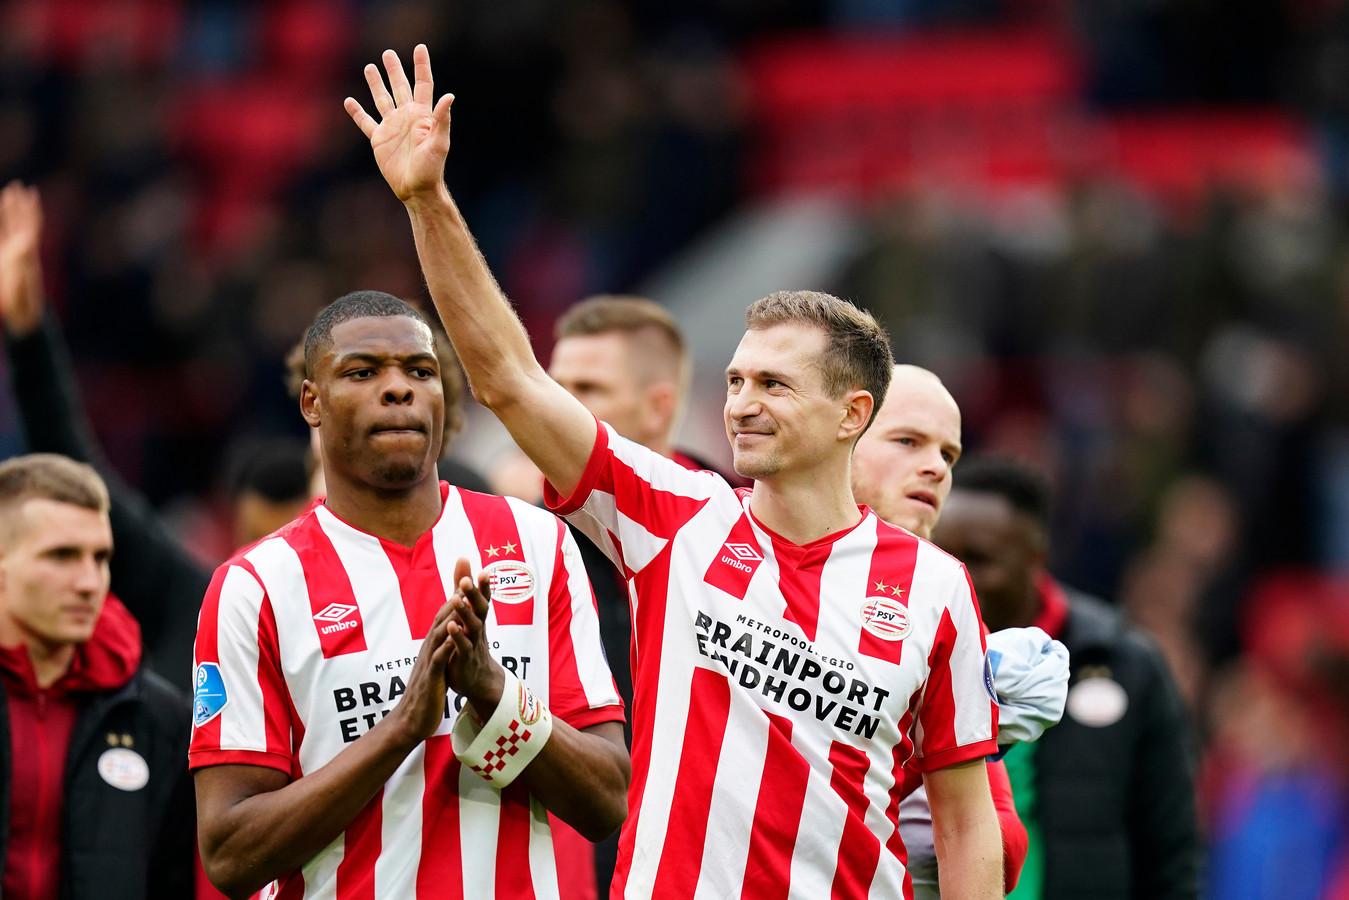 Daniel Schwaab begroet bekenden op de tribune na de topper PSV - Feyenoord (1-1).